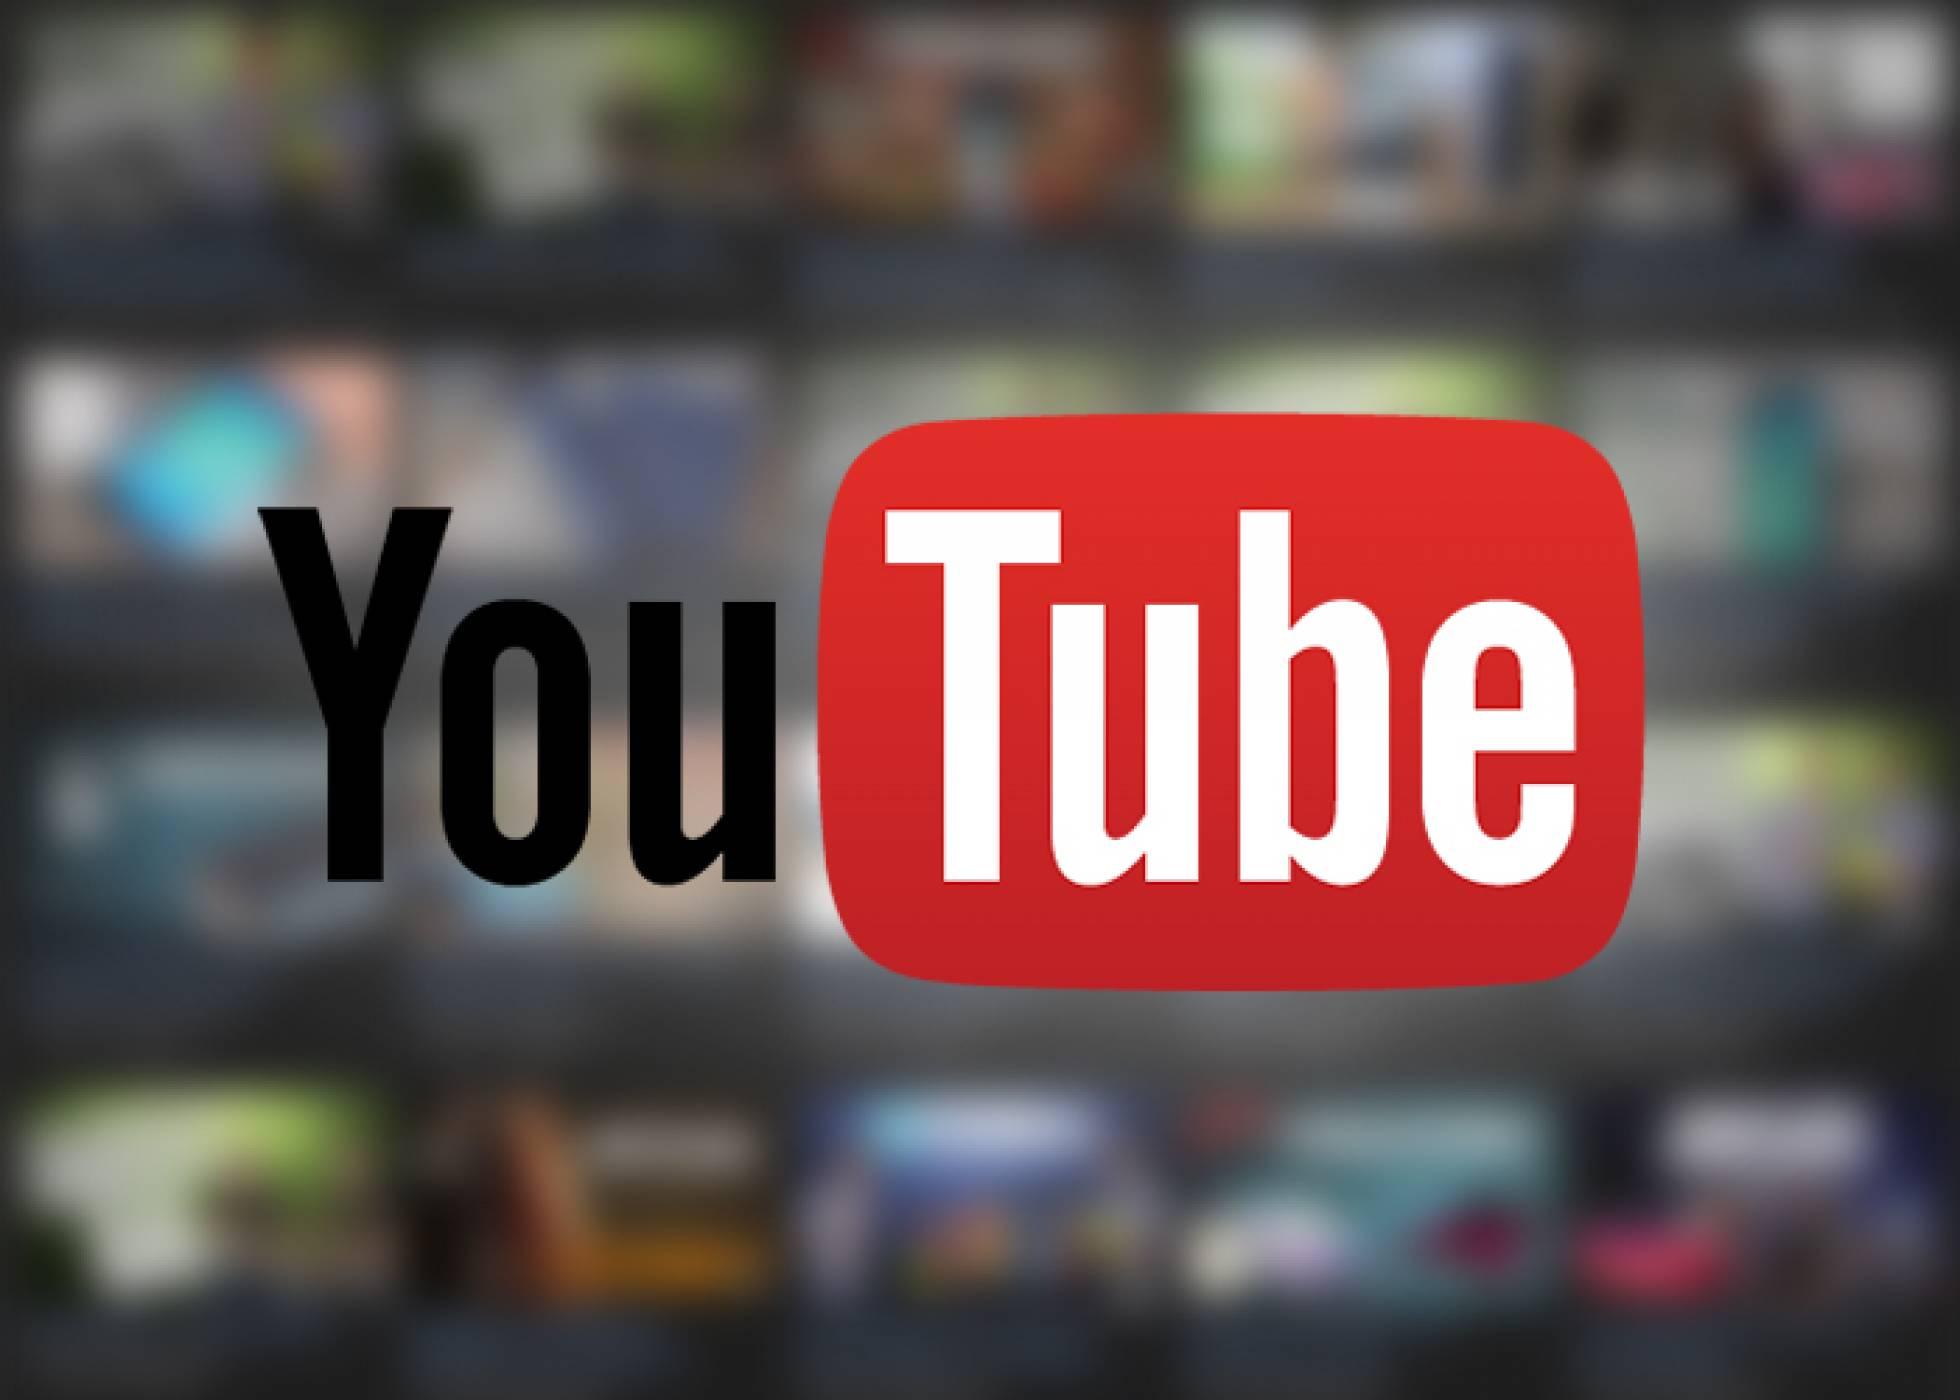 Google I/O 2017: вече по-лесно подкрепяме създателите на съдържание в YouTube